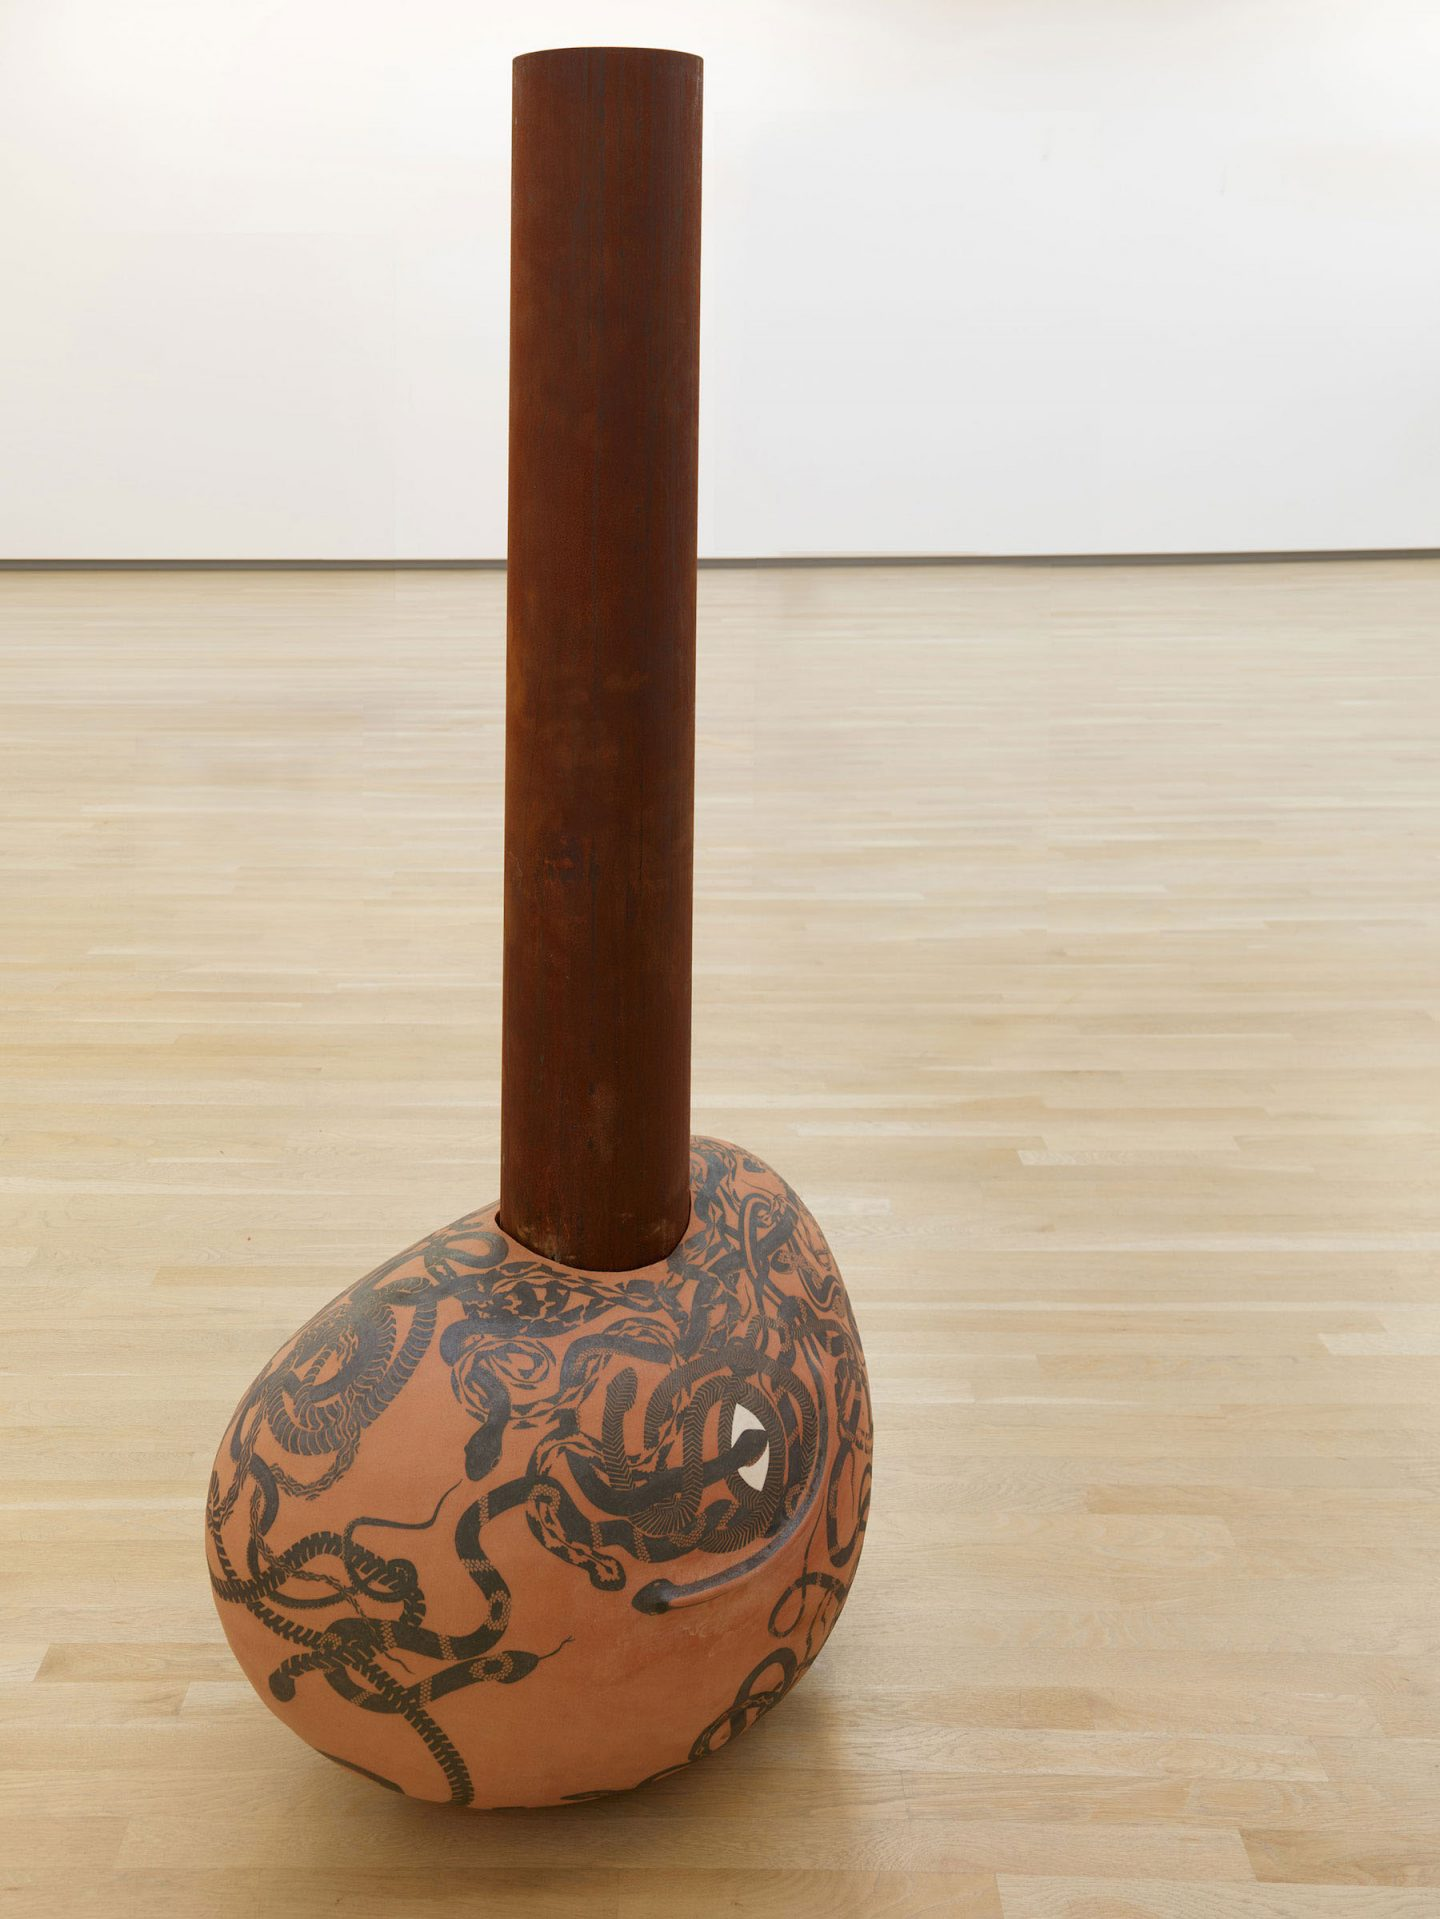 iGNANT-Art-Cammie-Staros-Sculpture-15